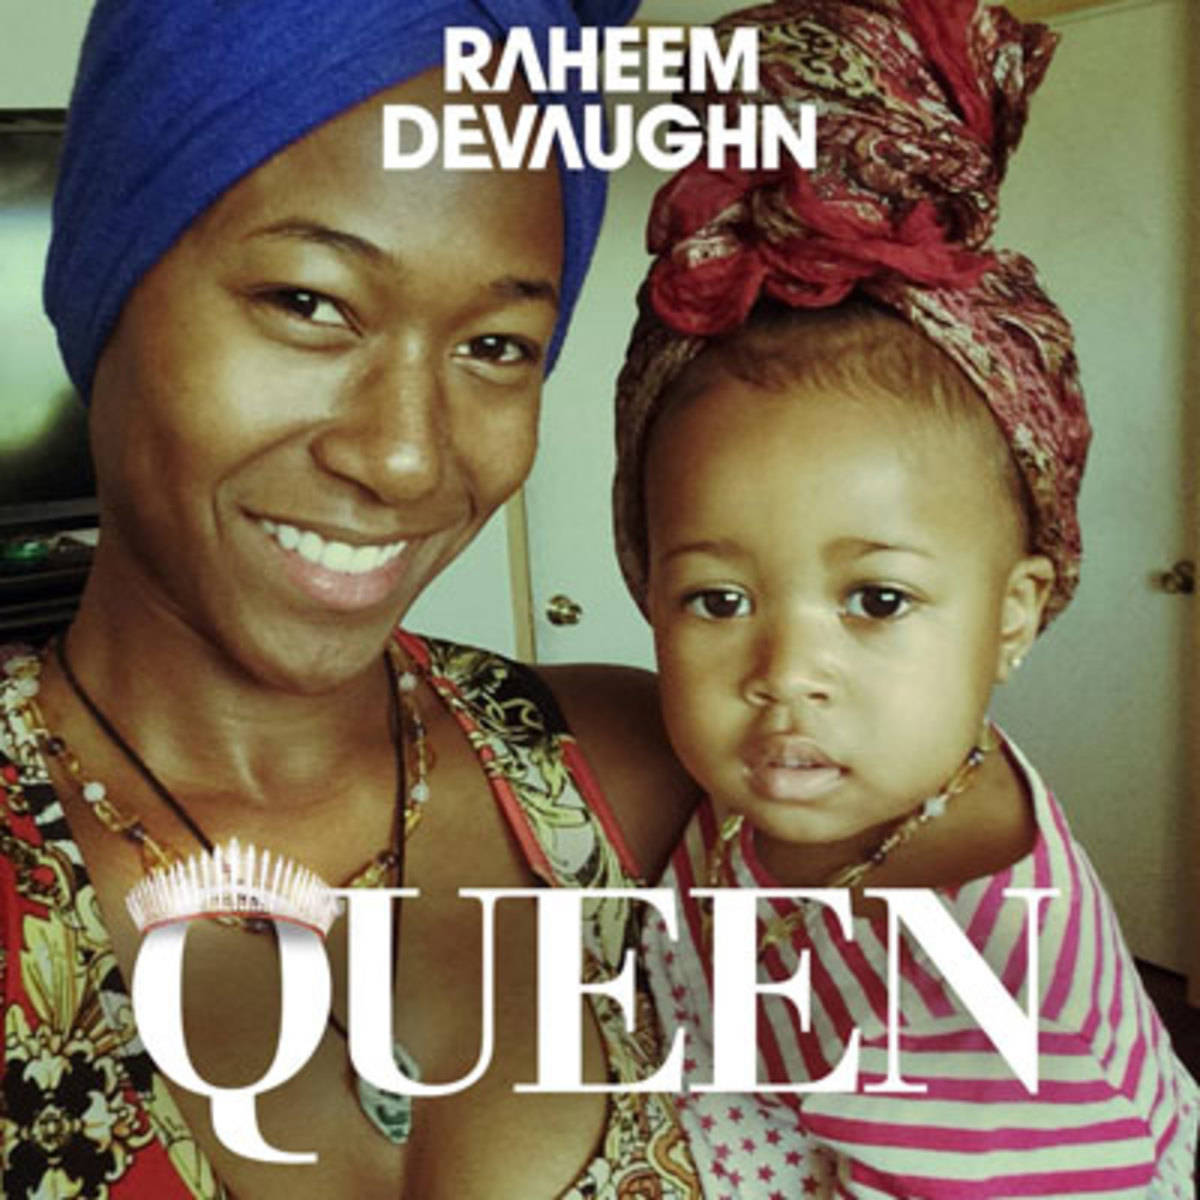 raheemdevaughn-queen.jpg